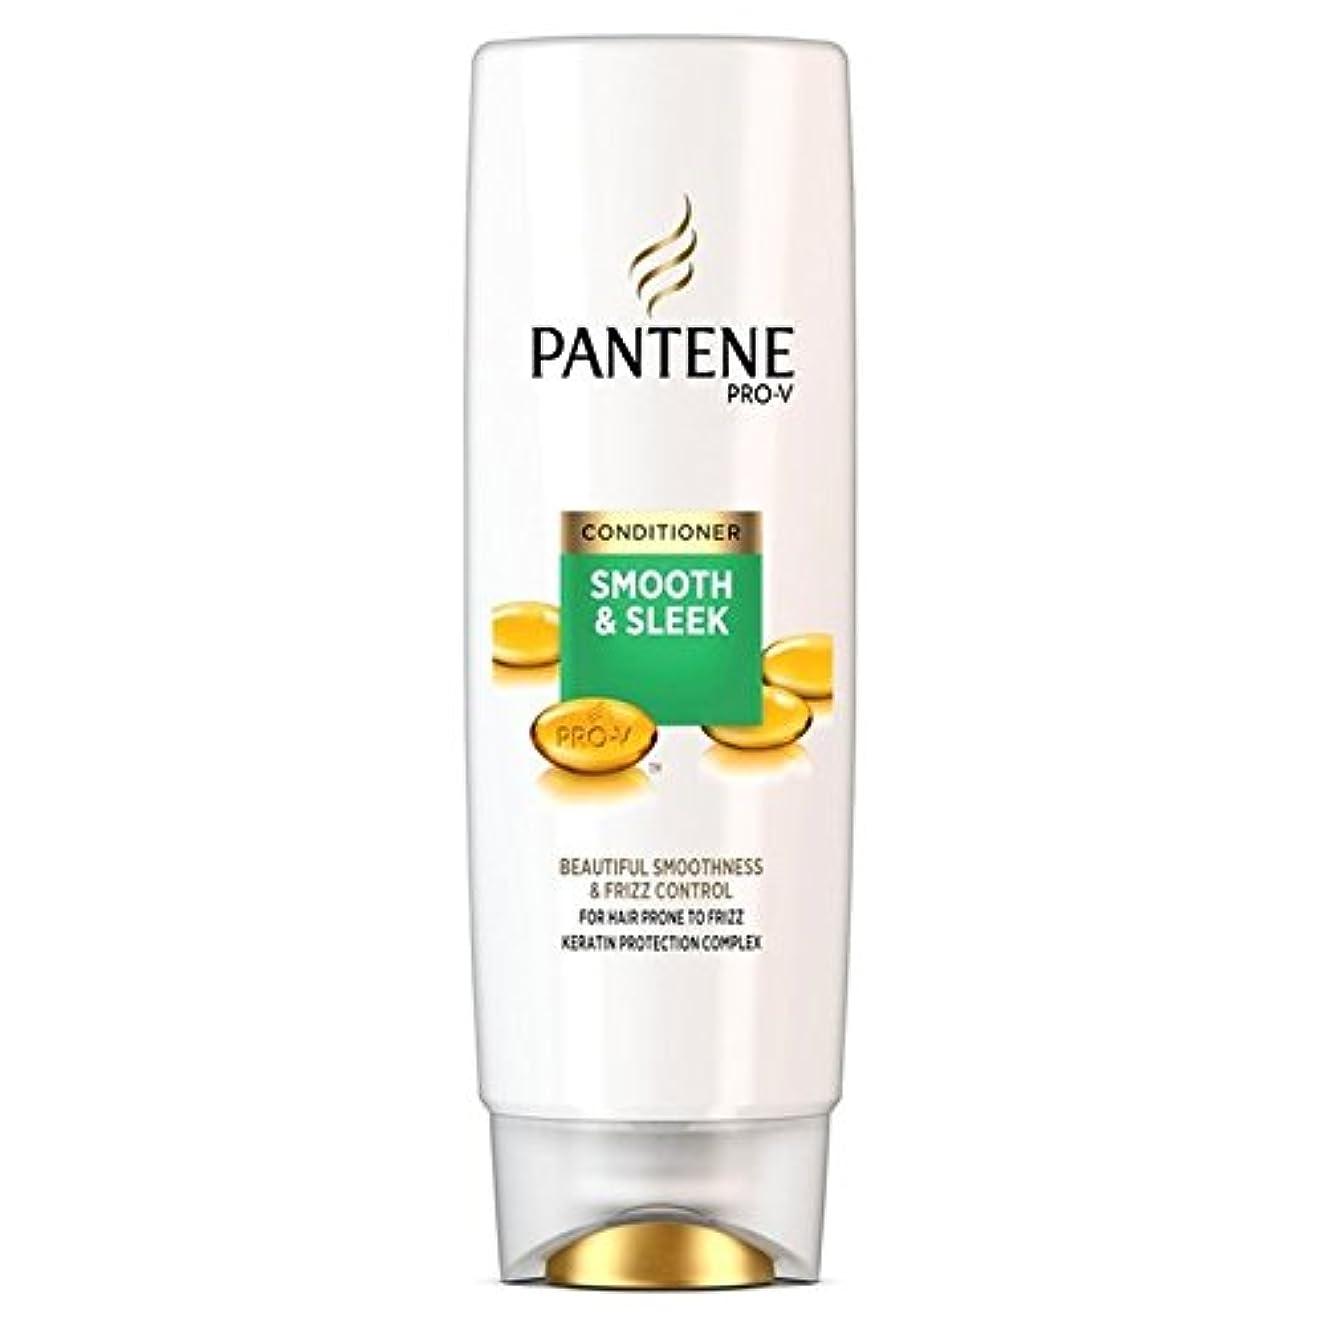 オークランド詳細なモンキーパンテーンコンディショナースムーズ&縮れ250ミリリットルを受けやすい髪になめらかな x4 - Pantene Conditioner Smooth & Sleek For Hair Prone to Frizz 250ml...